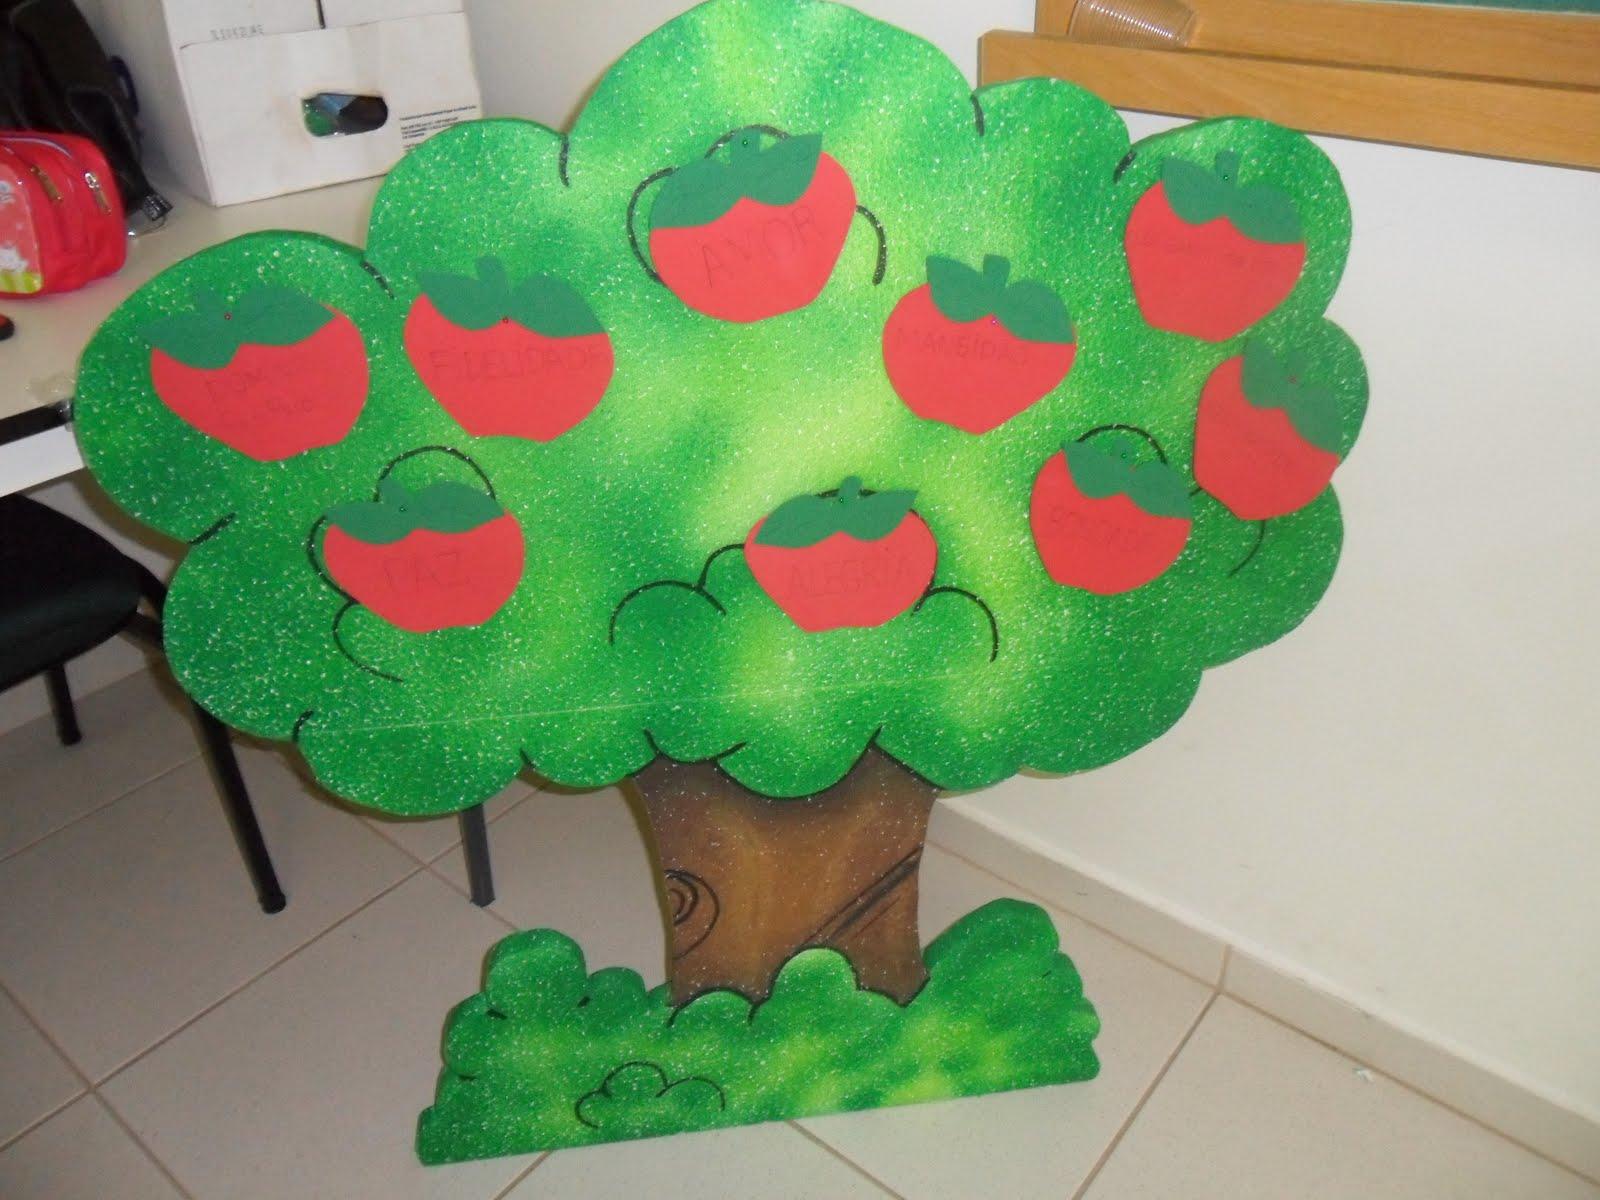 Cantinho criativo da mailisa modelo de rvore fruto do for Mural de isopor e eva